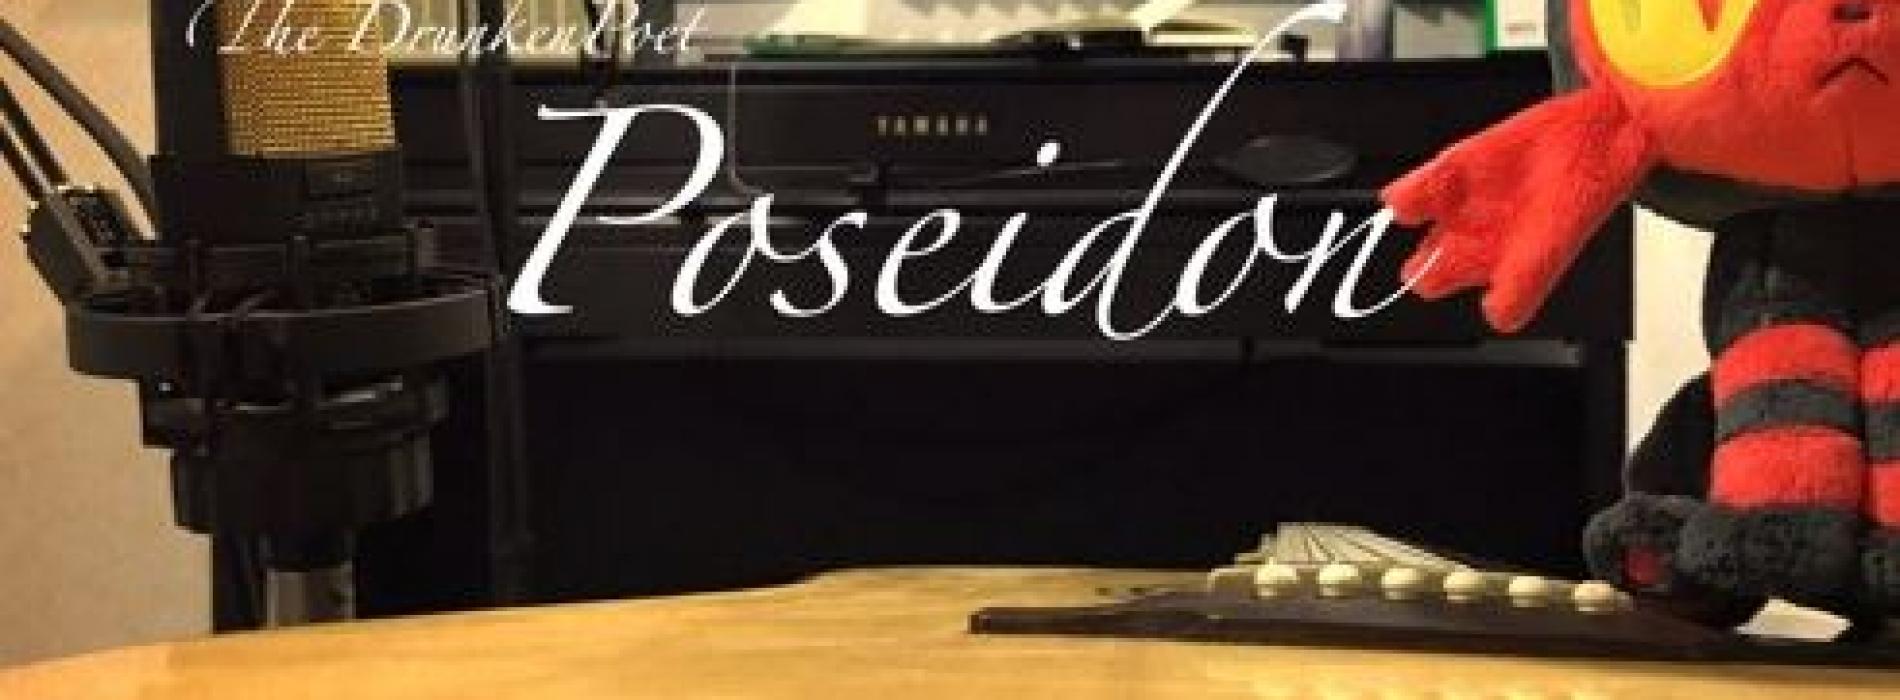 Poseidon – The DrunkenPoet (feat. Flavian Martinesz, Pradeep John & Dinuk Silva)